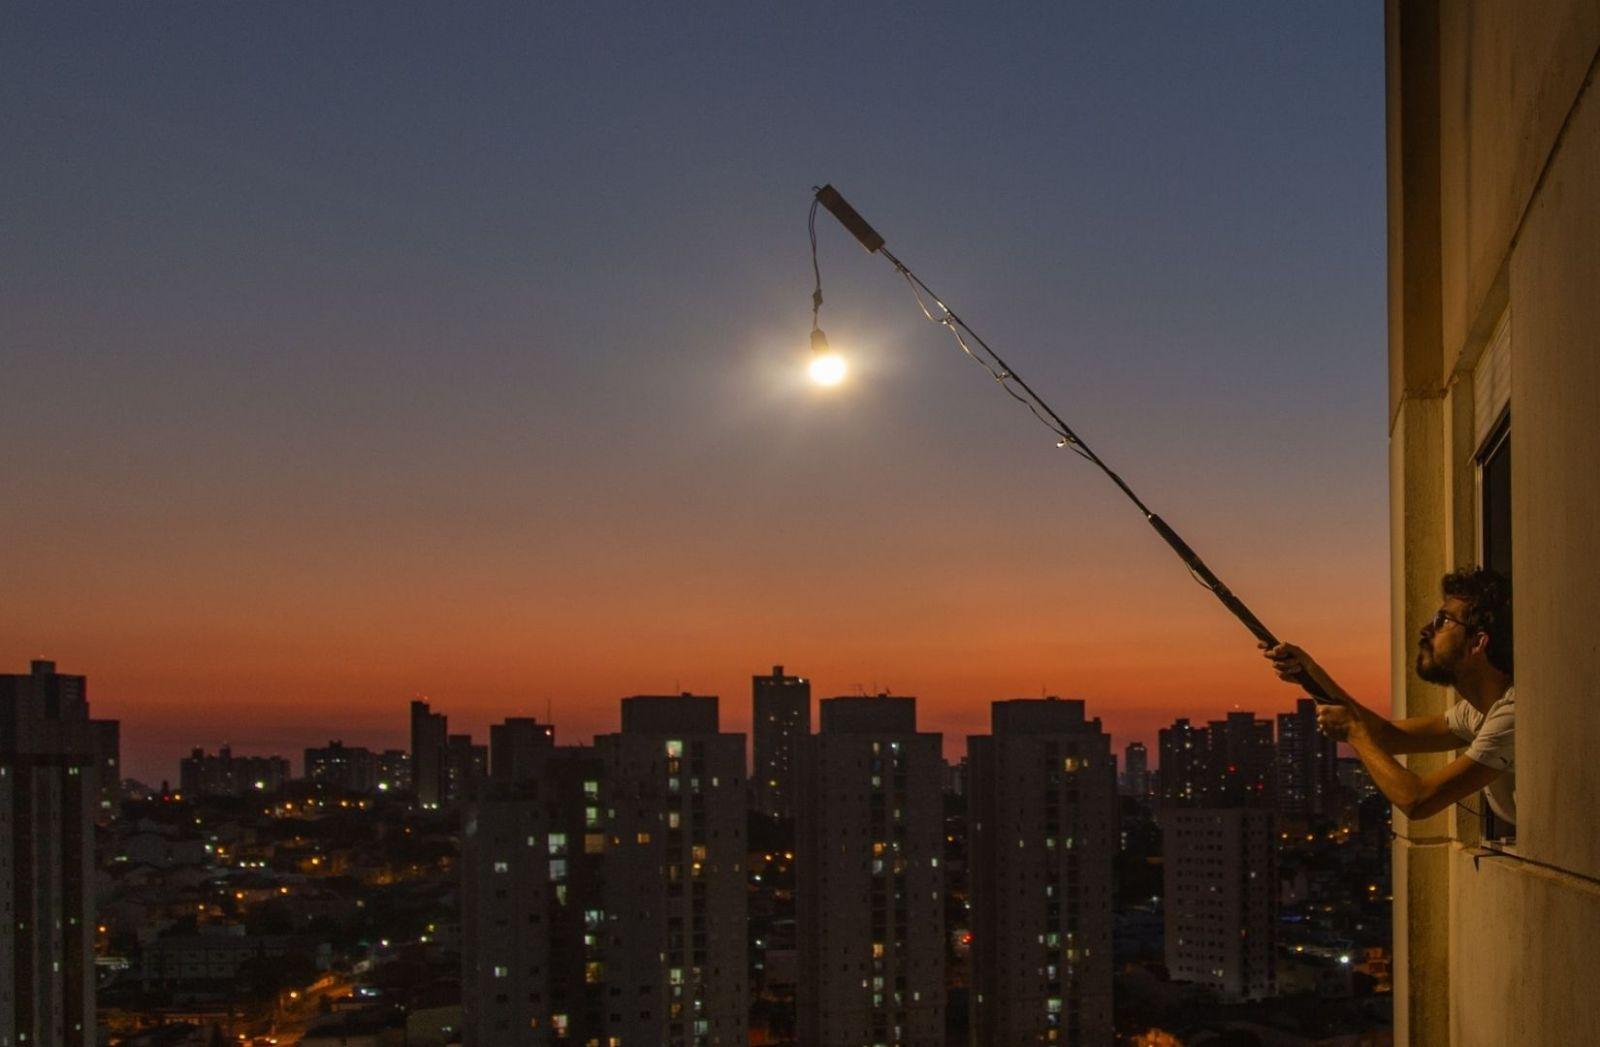 Ein politisches Programm ist keine Erleuchtung. (Foto: Camilo Goes, Unsplash.com)